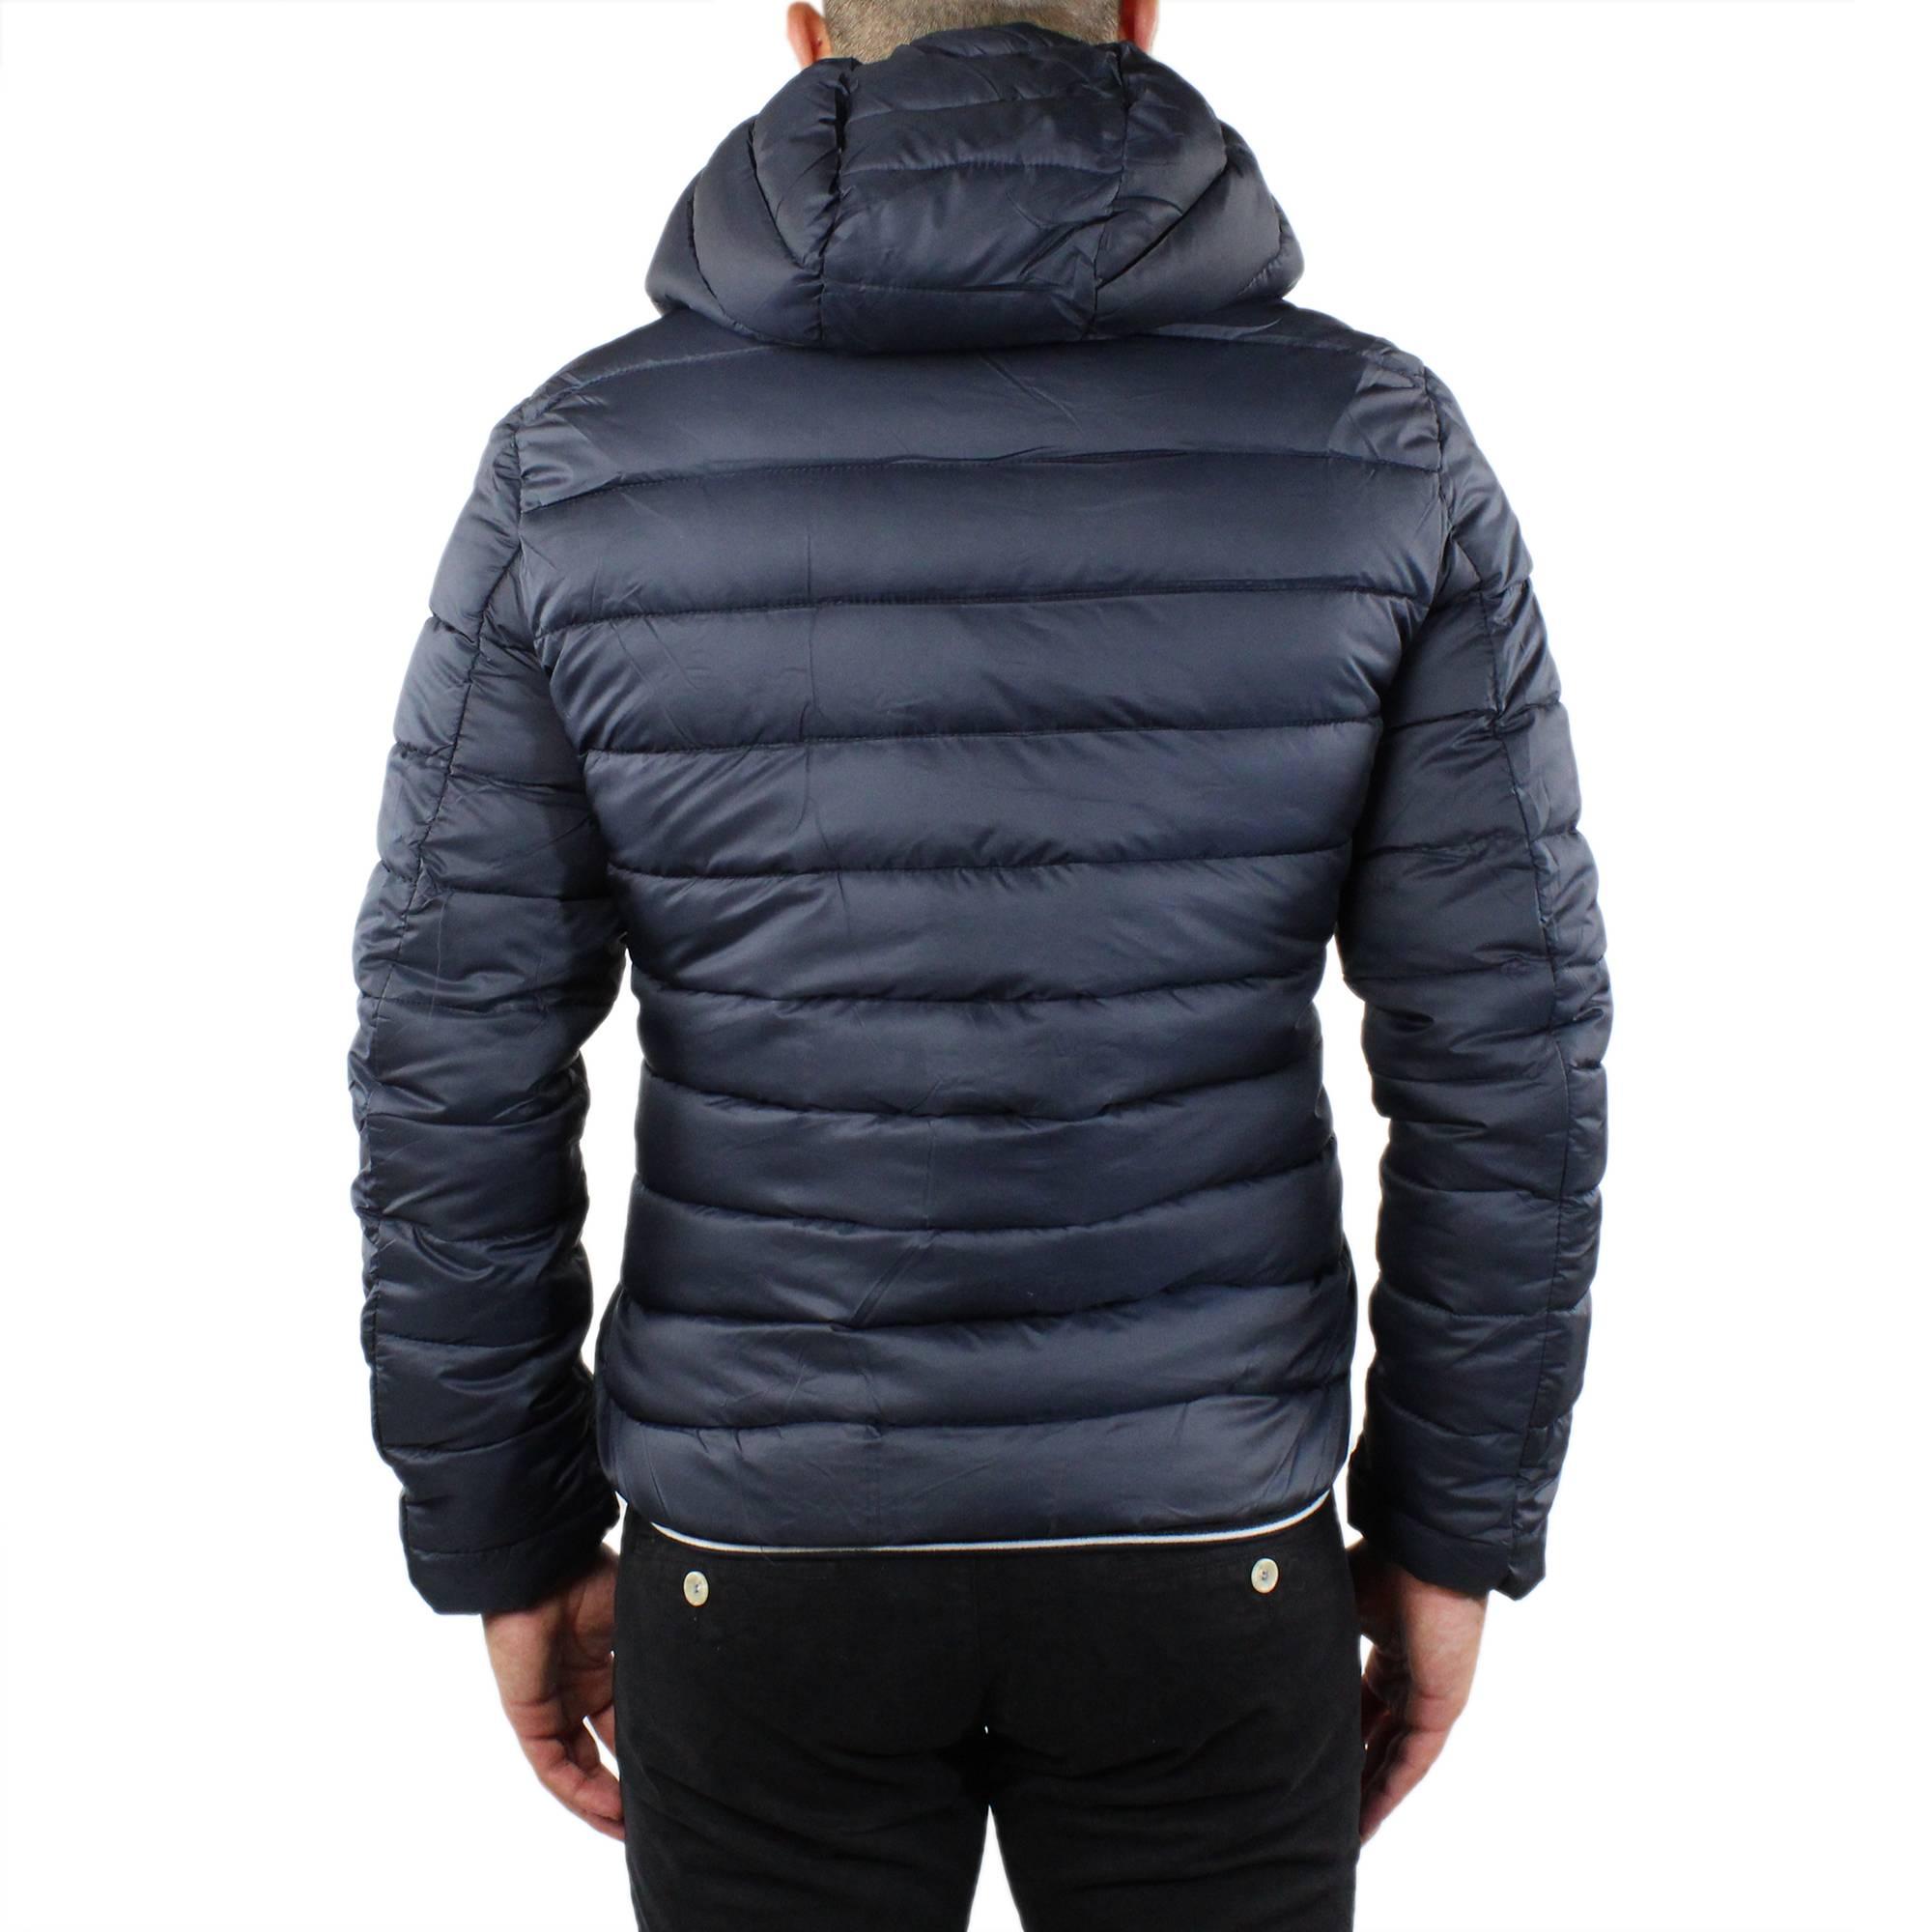 Giubbotto-Uomo-Invernale-Slim-Fit-Giubbino-Piumino-Con-Cappuccio-Blu-Nero-Casual miniatura 5